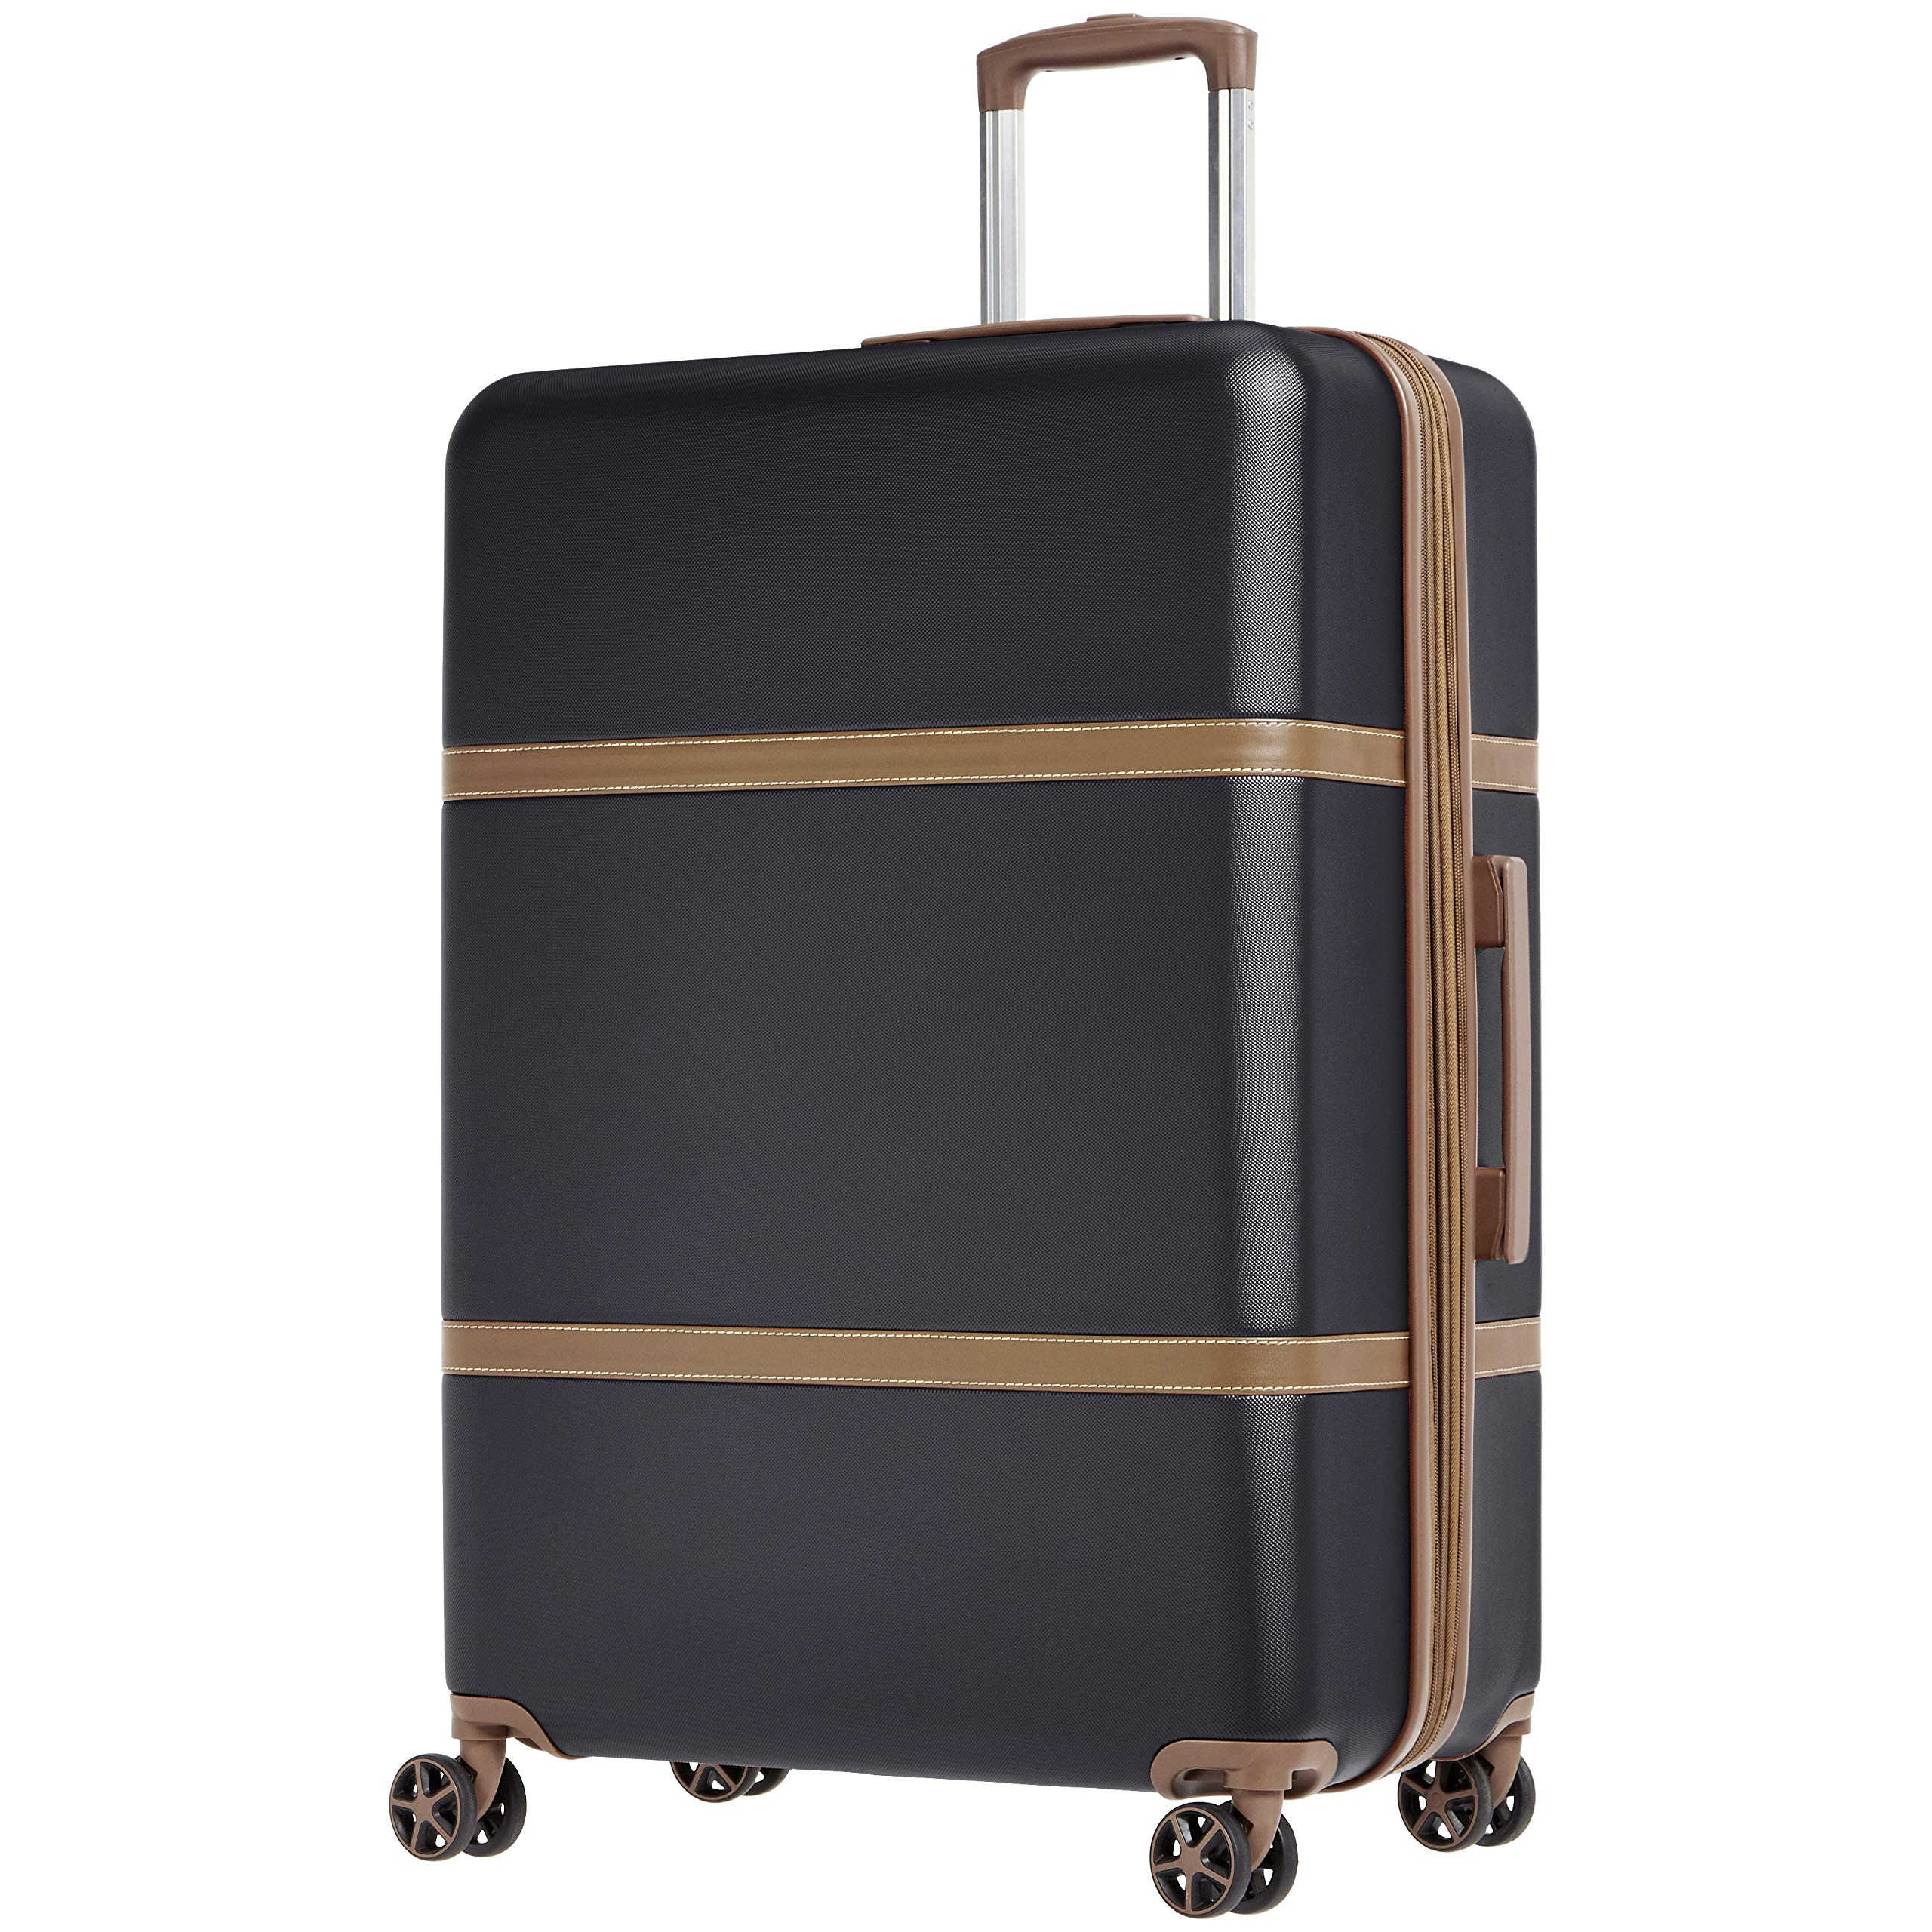 AmazonBasics Vienna Expandable Luggage Spinner Suitcase - 28 Inch, Black